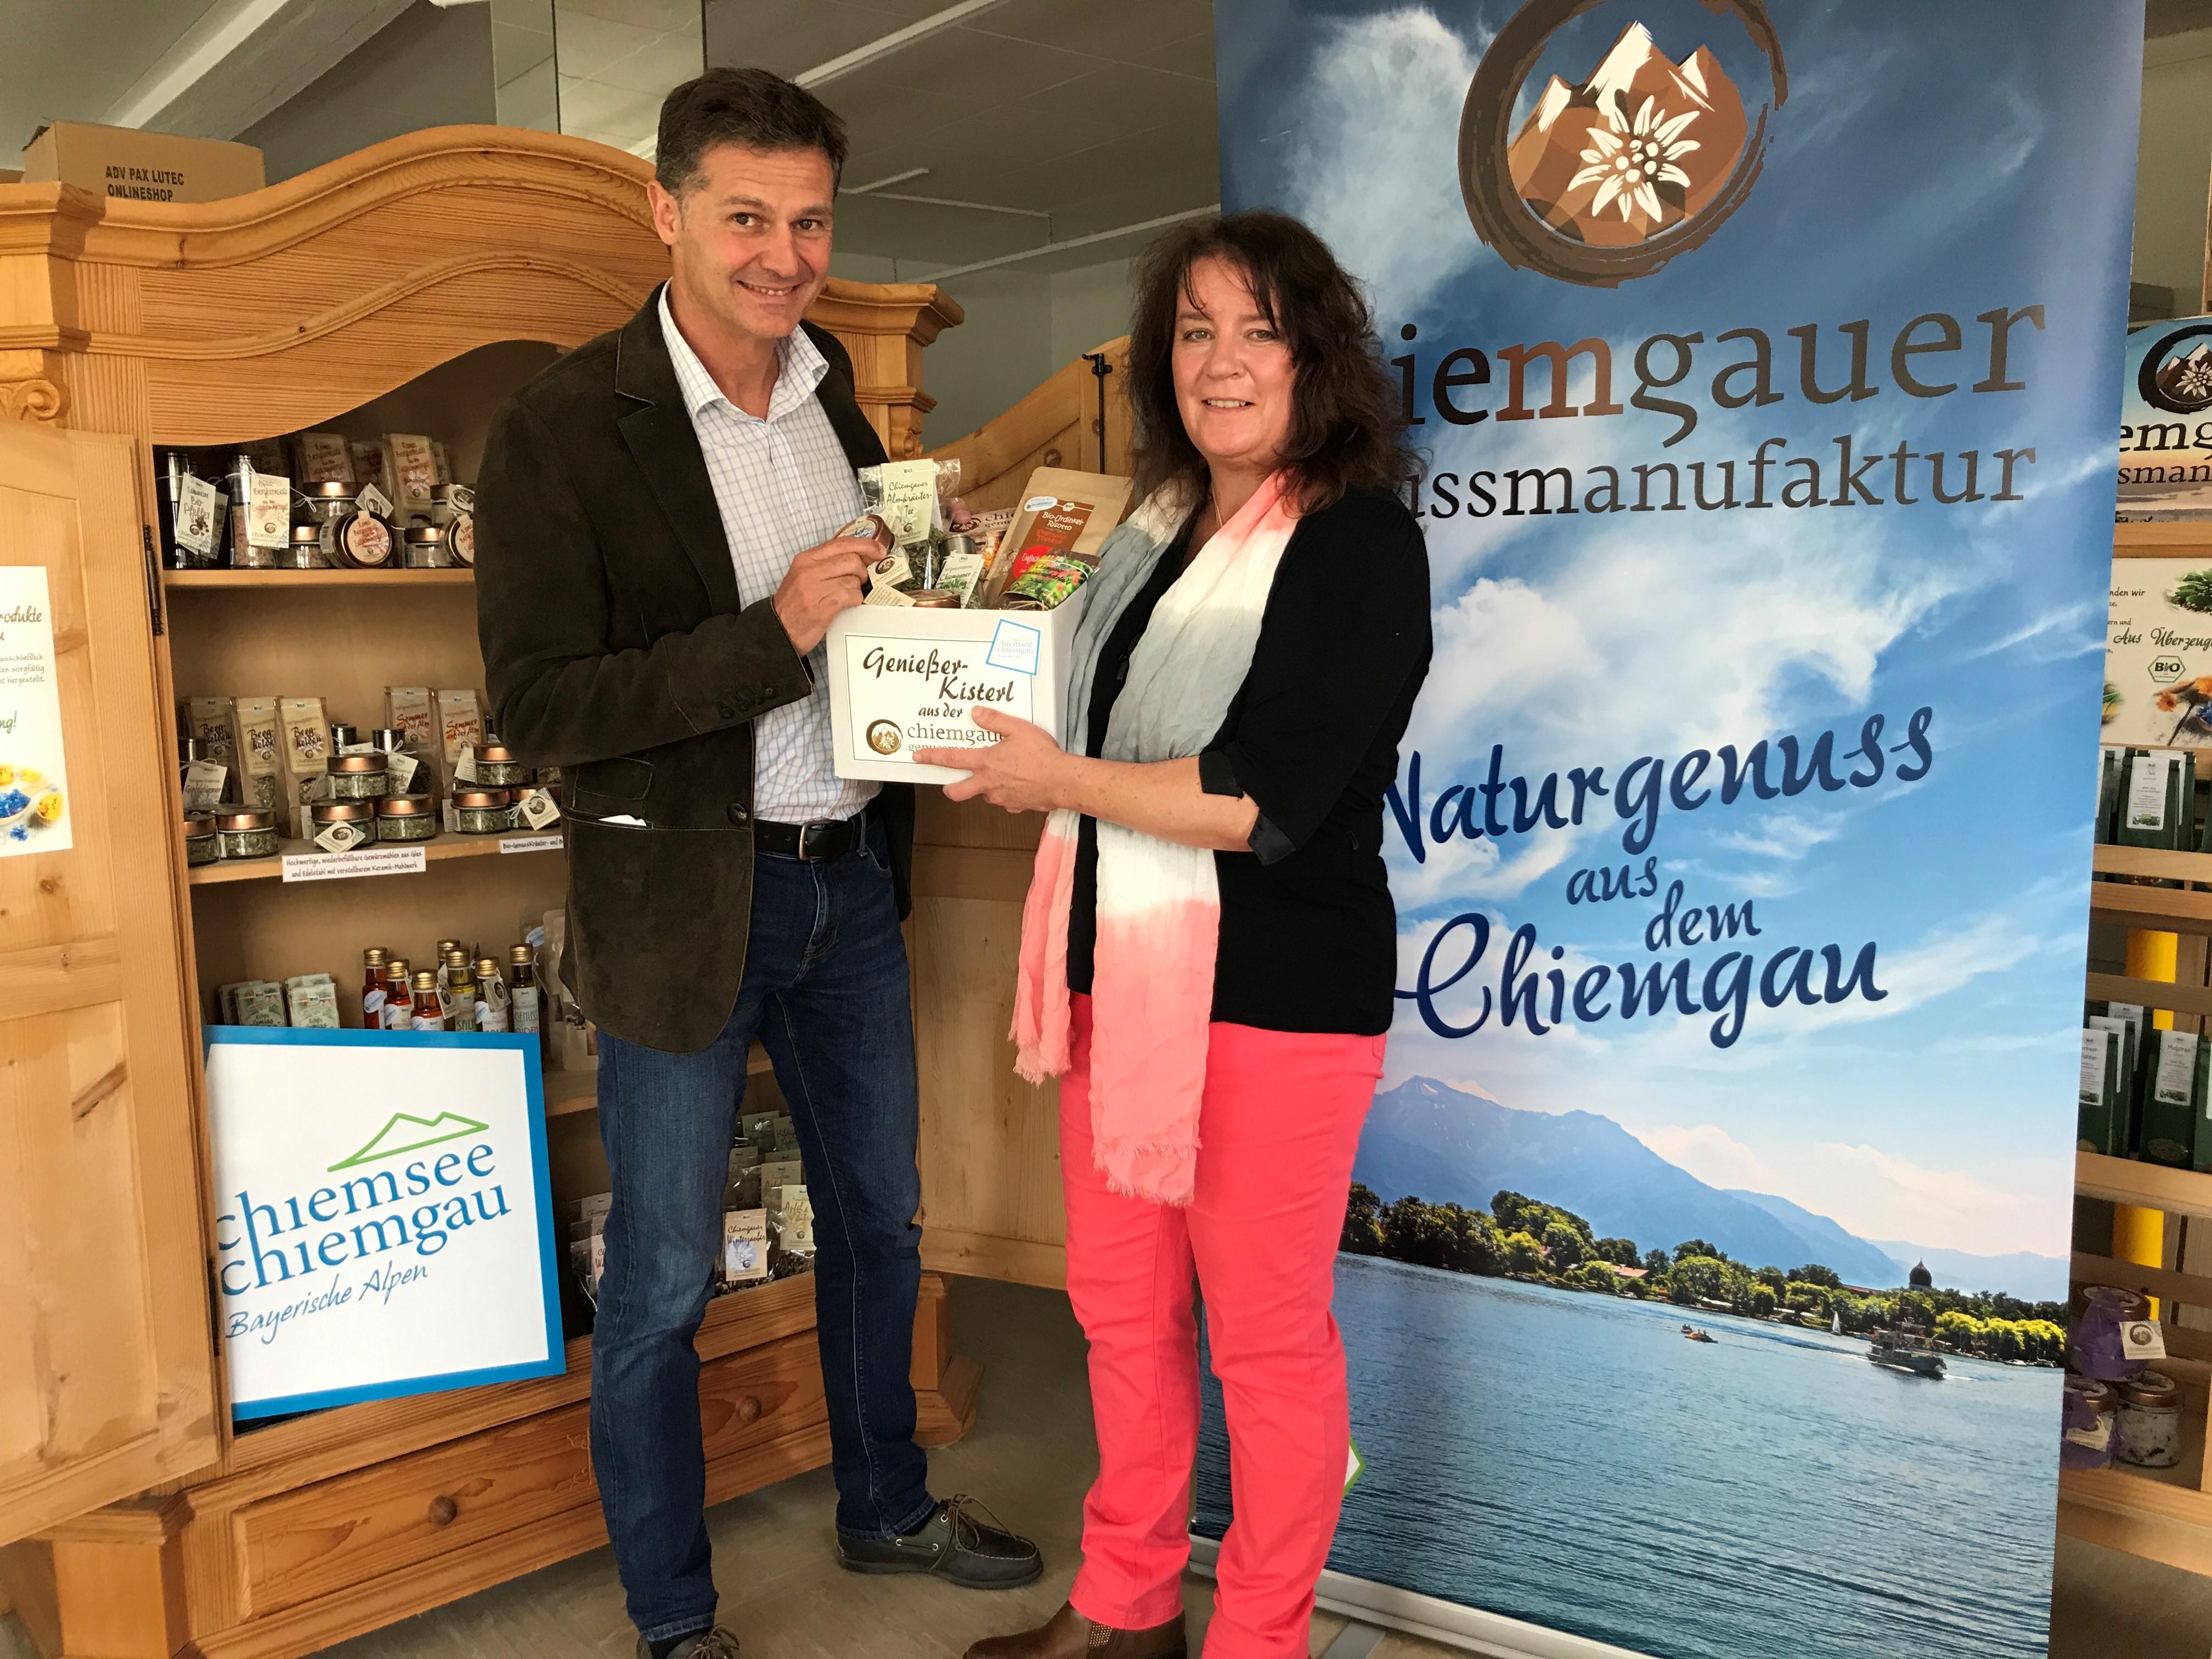 """Zum Start befüllten CT-Geschäftsführer Stephan Semmelmayr und Astrid Günther, Geschäftsführerin der Chiemgauer Genussmanufaktur, eines der neuen """"Genießer-Kisterl"""" gemeinsam."""